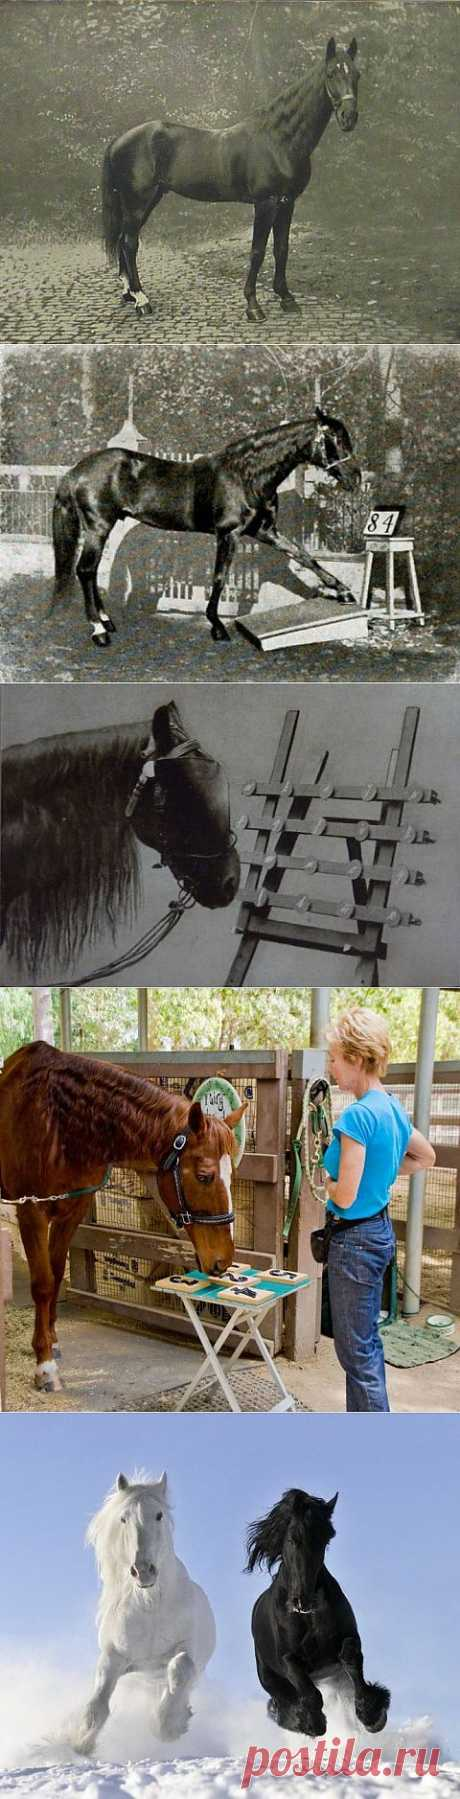 Самые умные лошади | Уши, лапы, хвост